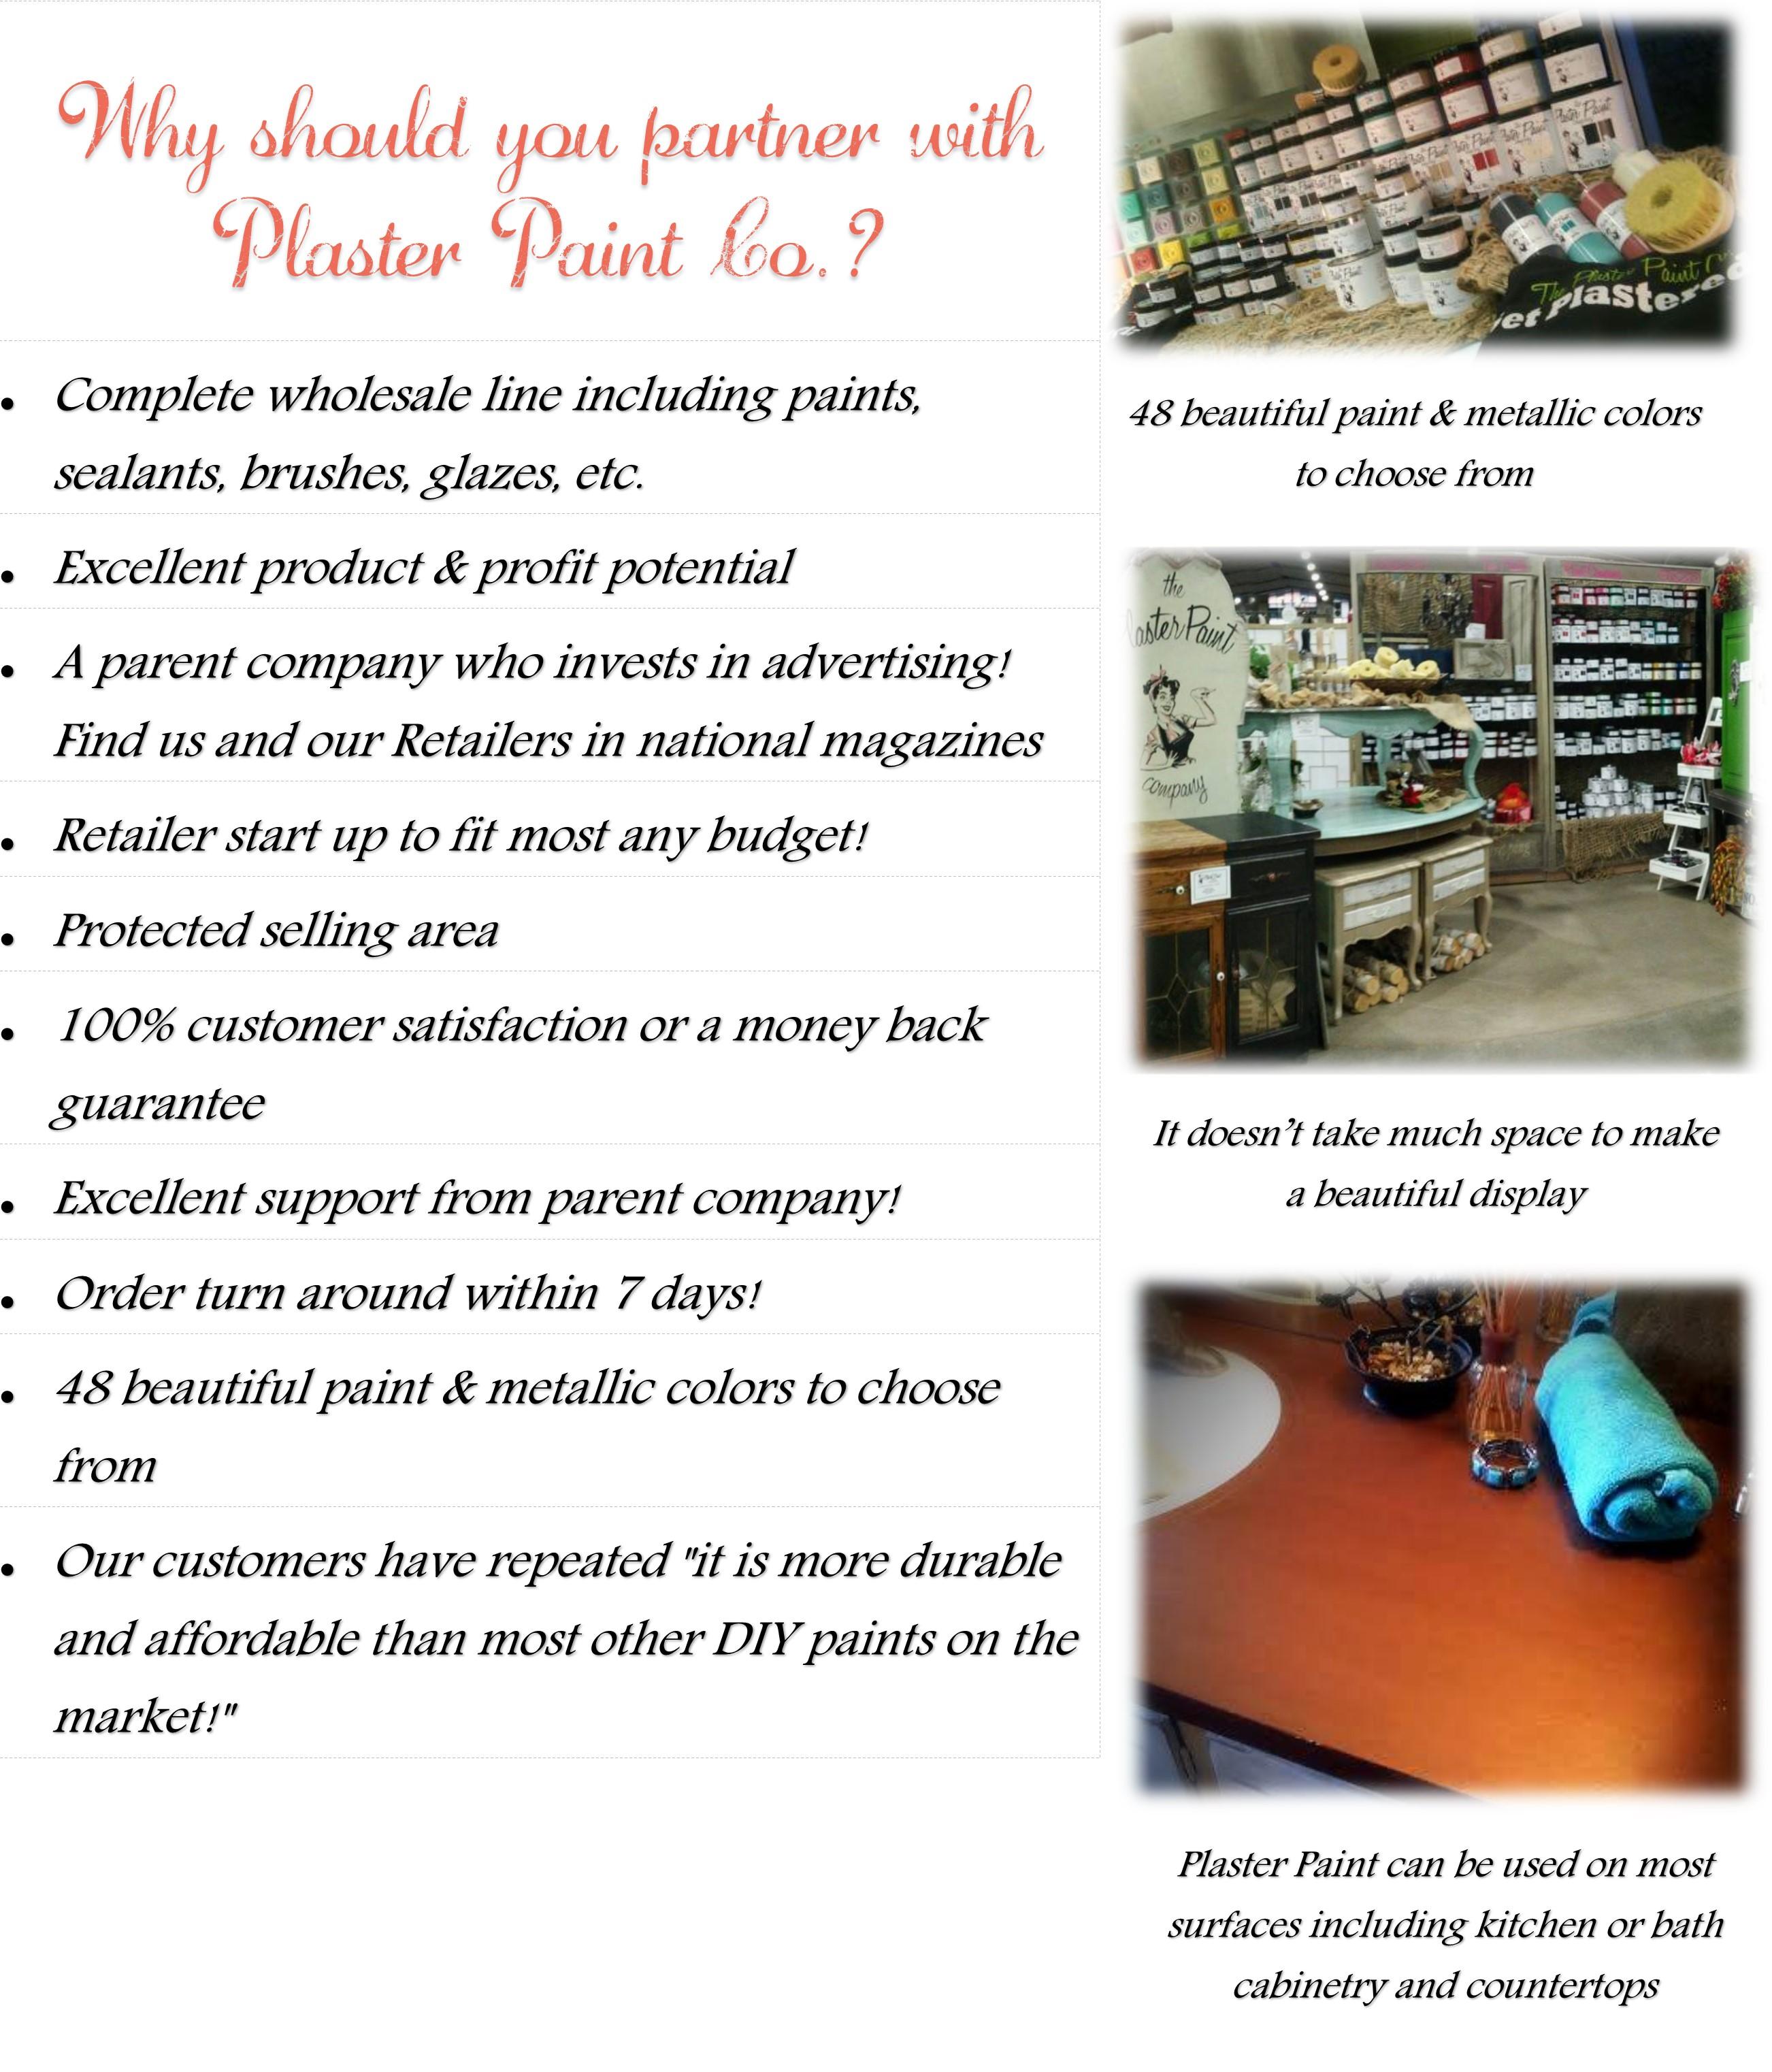 retailer-page-2.jpg